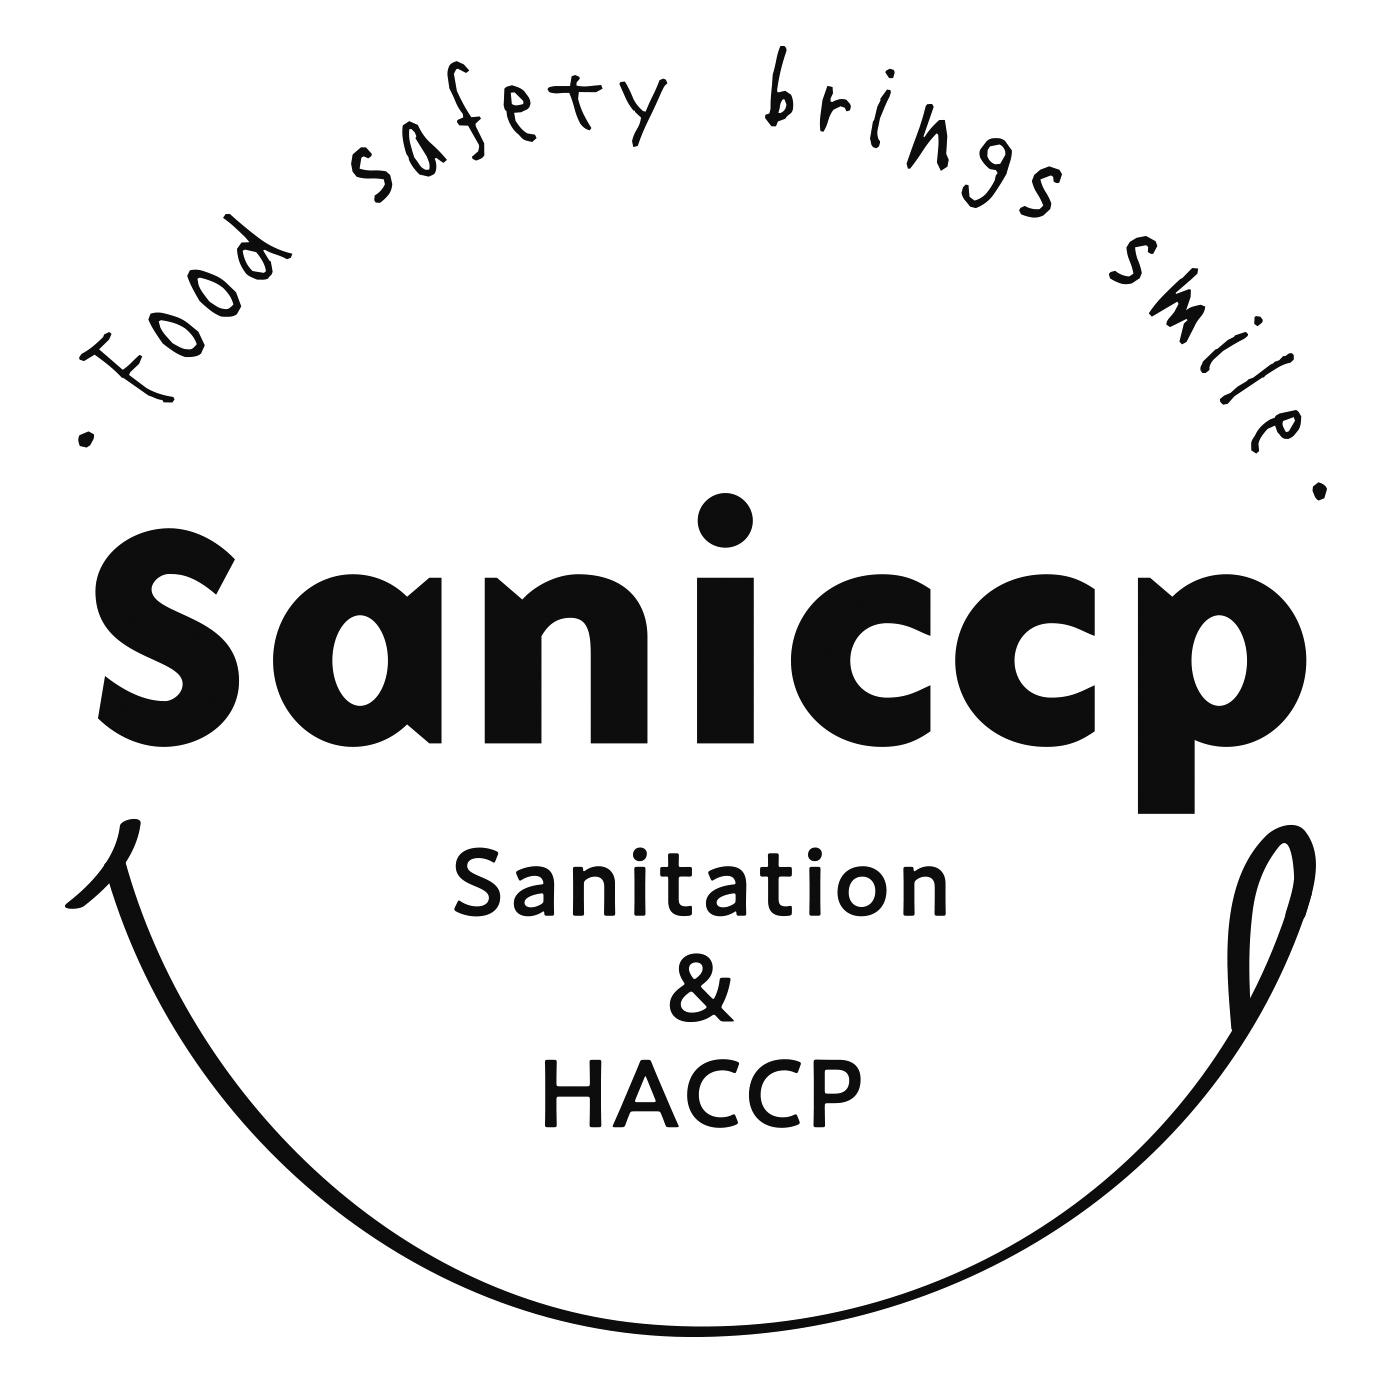 街のお店のためのシンプルにすぐわかるHACCP&食品衛生